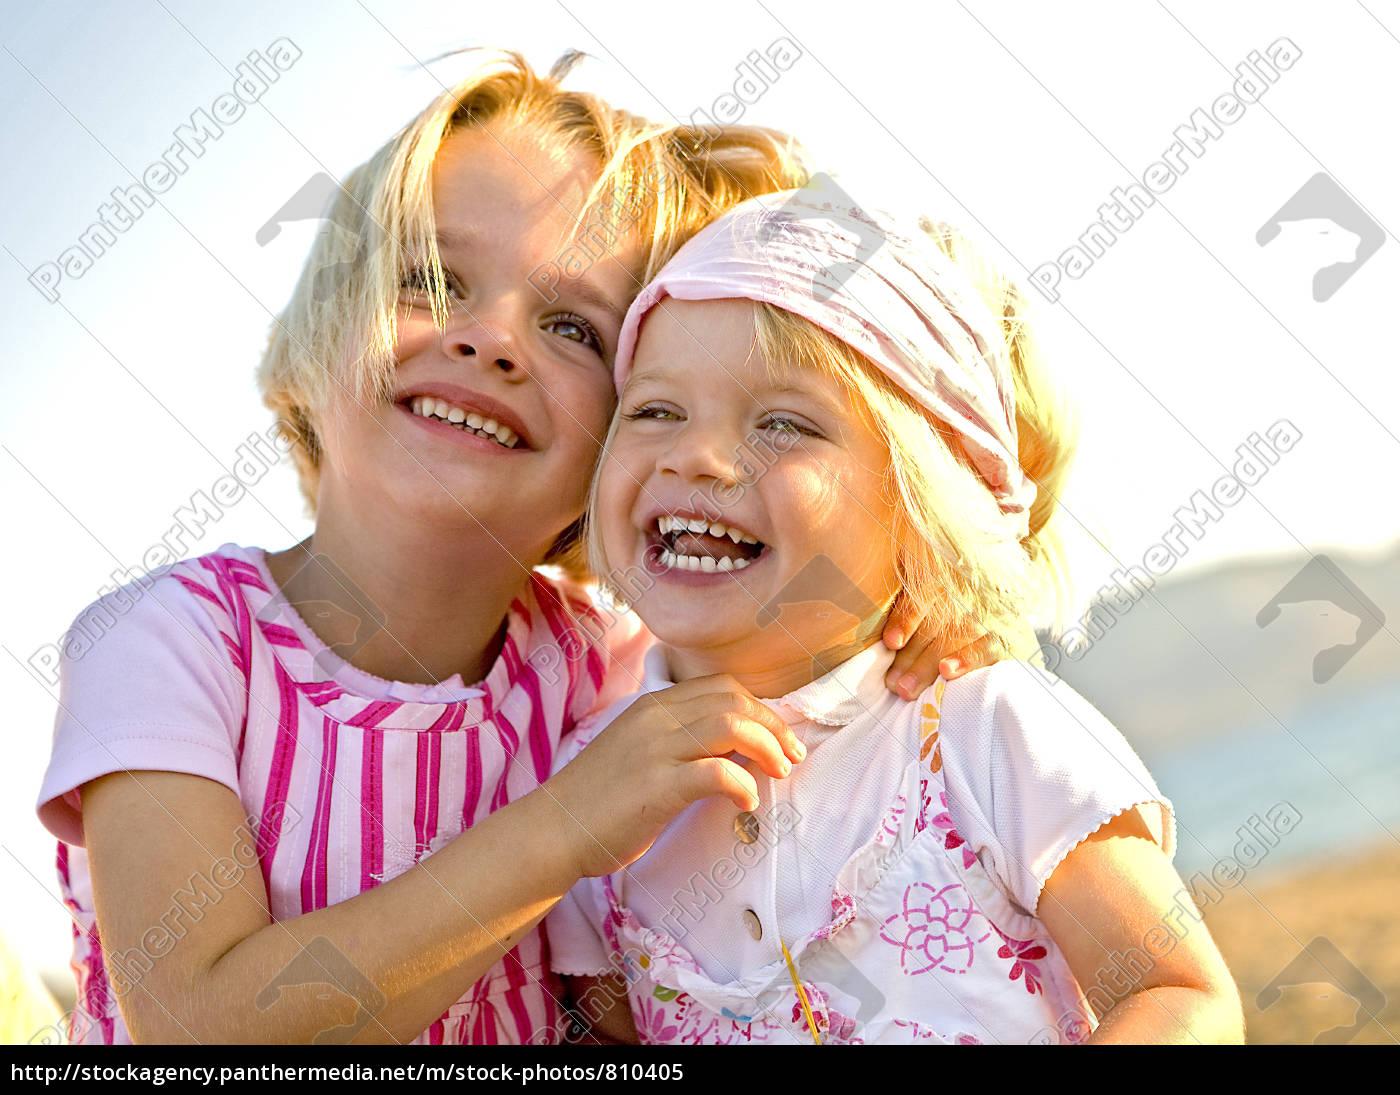 siblings, joy - 810405